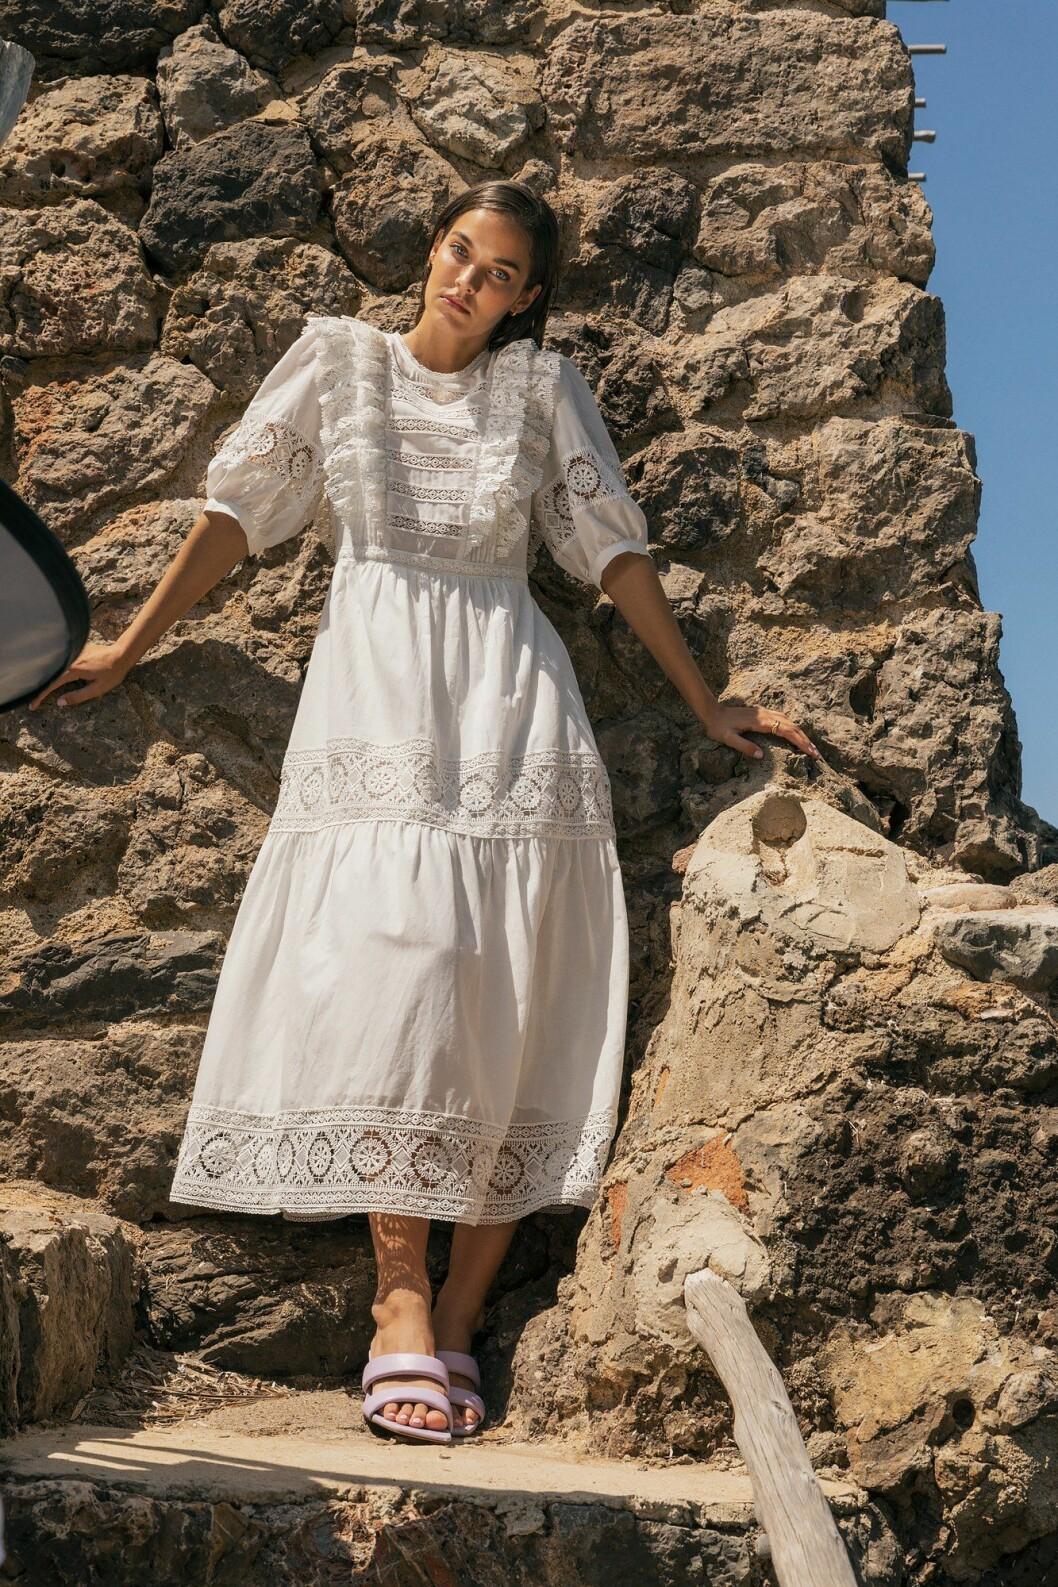 vit klänning från By Malina resort 2021 med puffärmar och broderi.